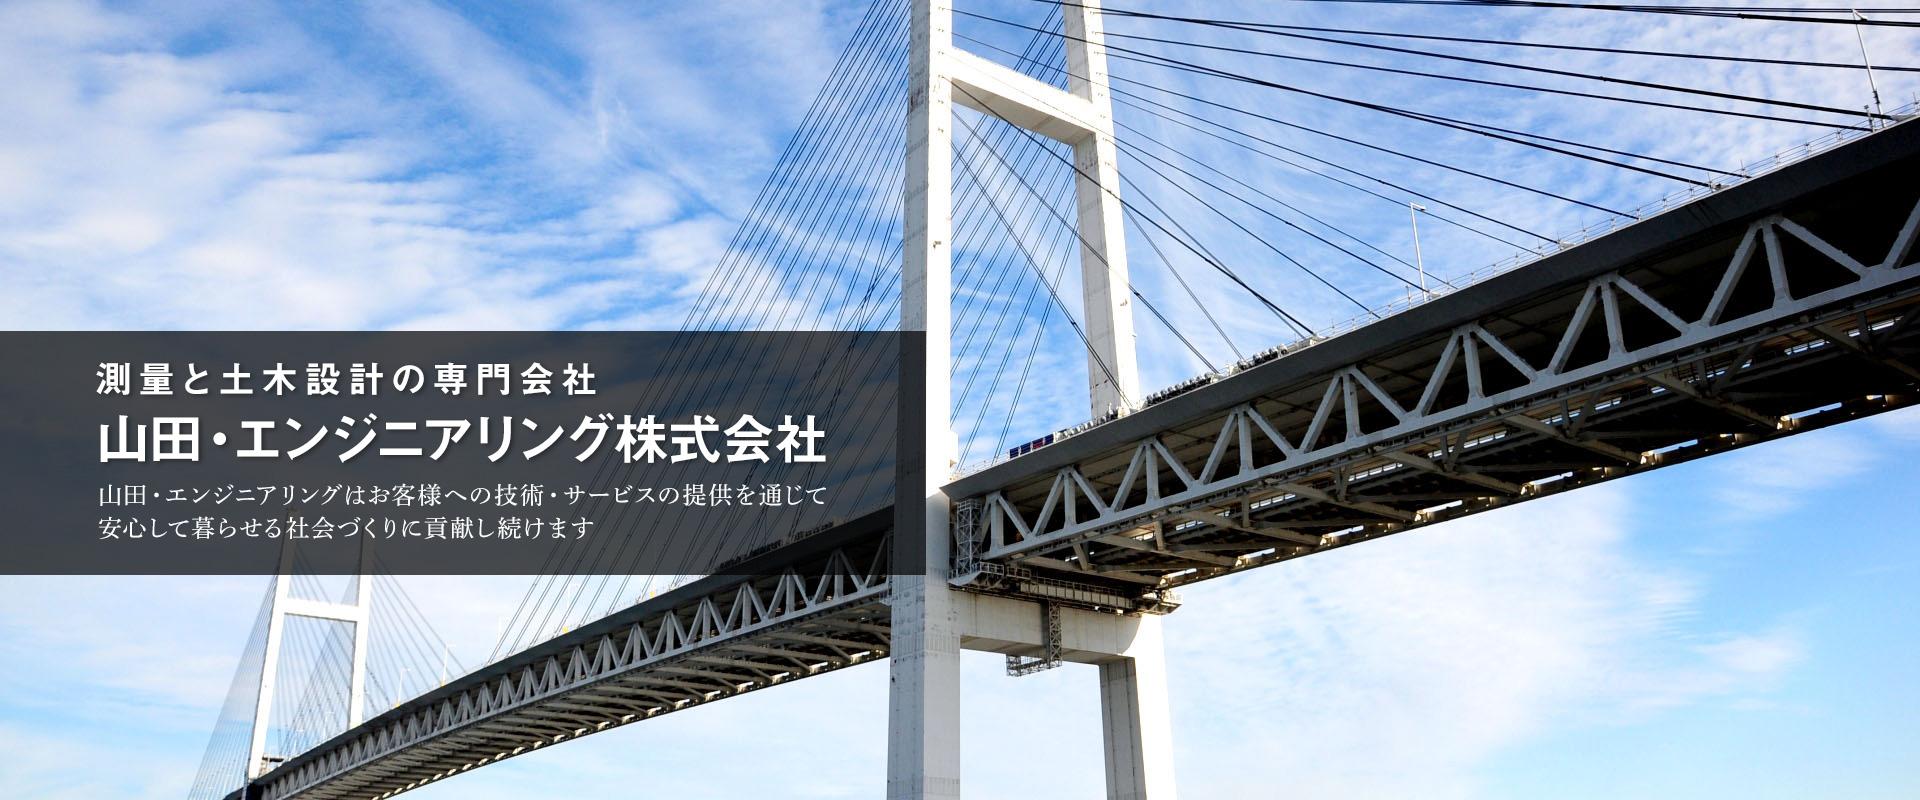 山田・エンジニアリング株式会社